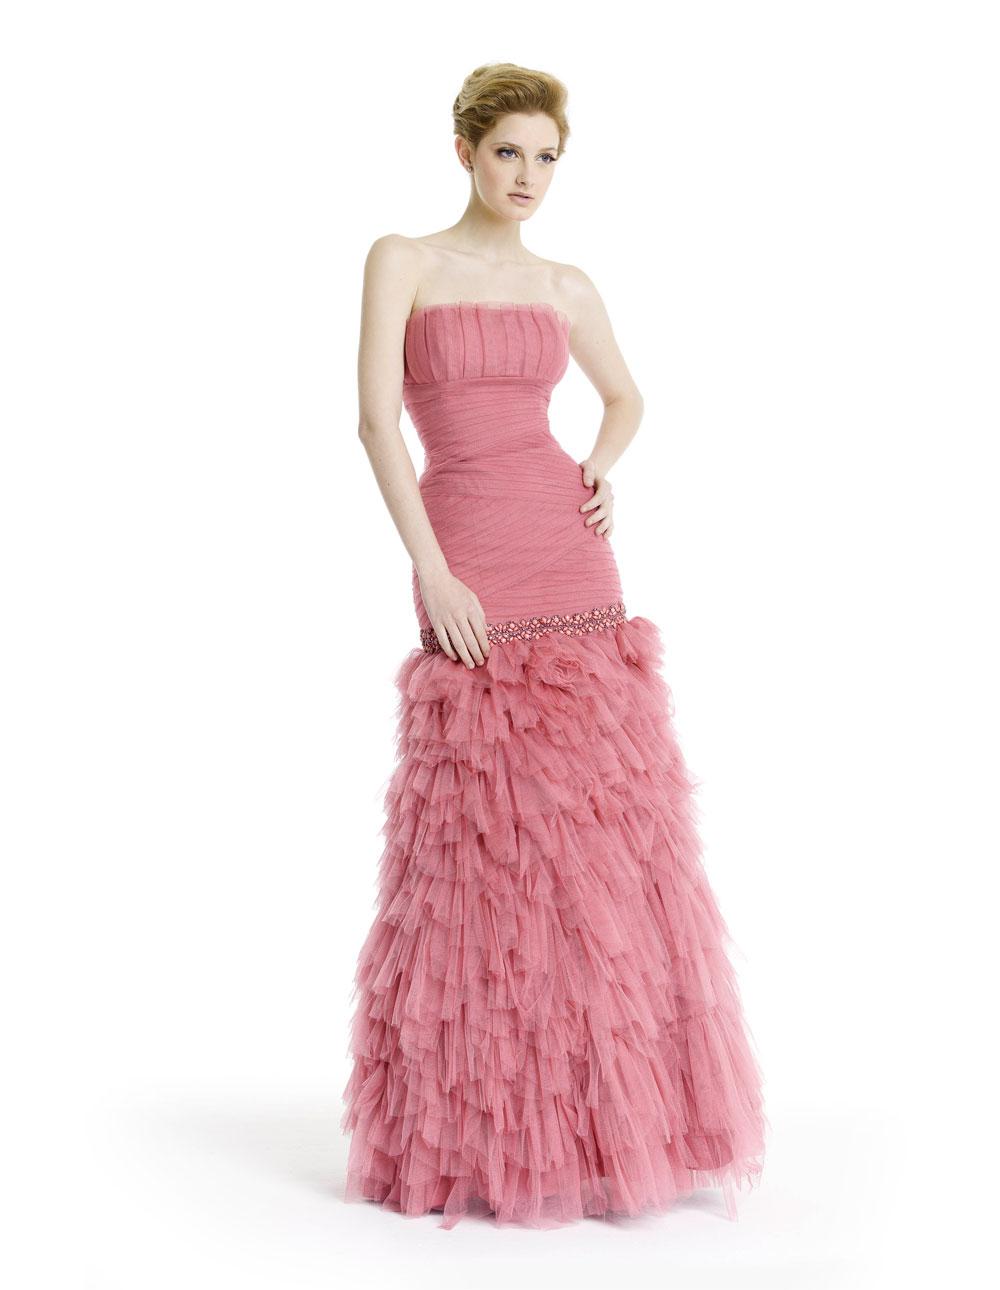 Increíble Vestidos De Novia Cortos 2012 Adorno - Colección de ...